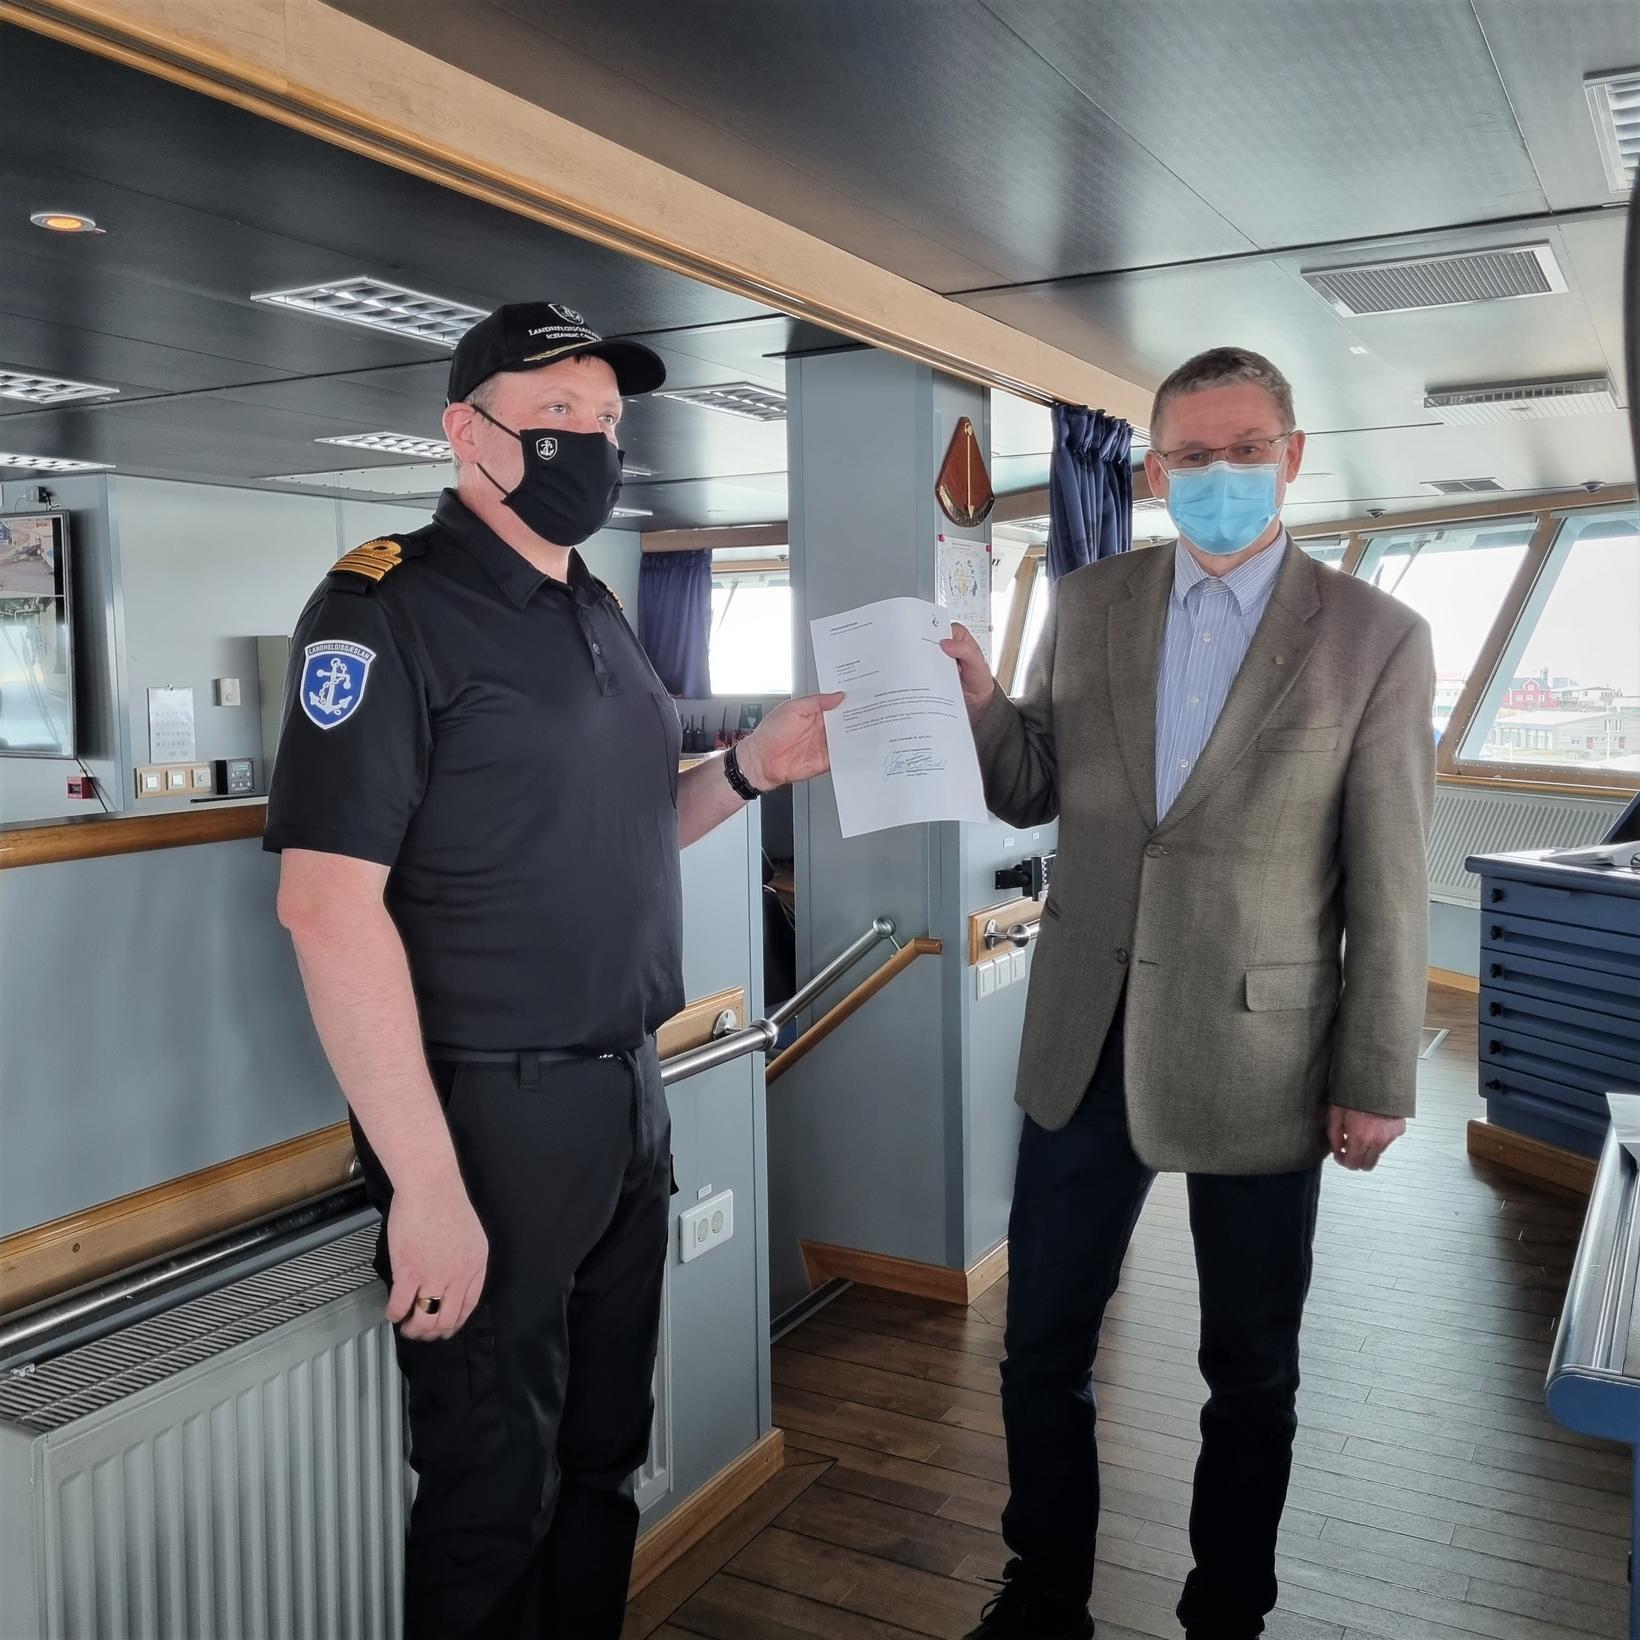 Jónas Egilsson hafnar- og sveitarstjóri, afhendir skipherranum Páli Geirdal skjal …